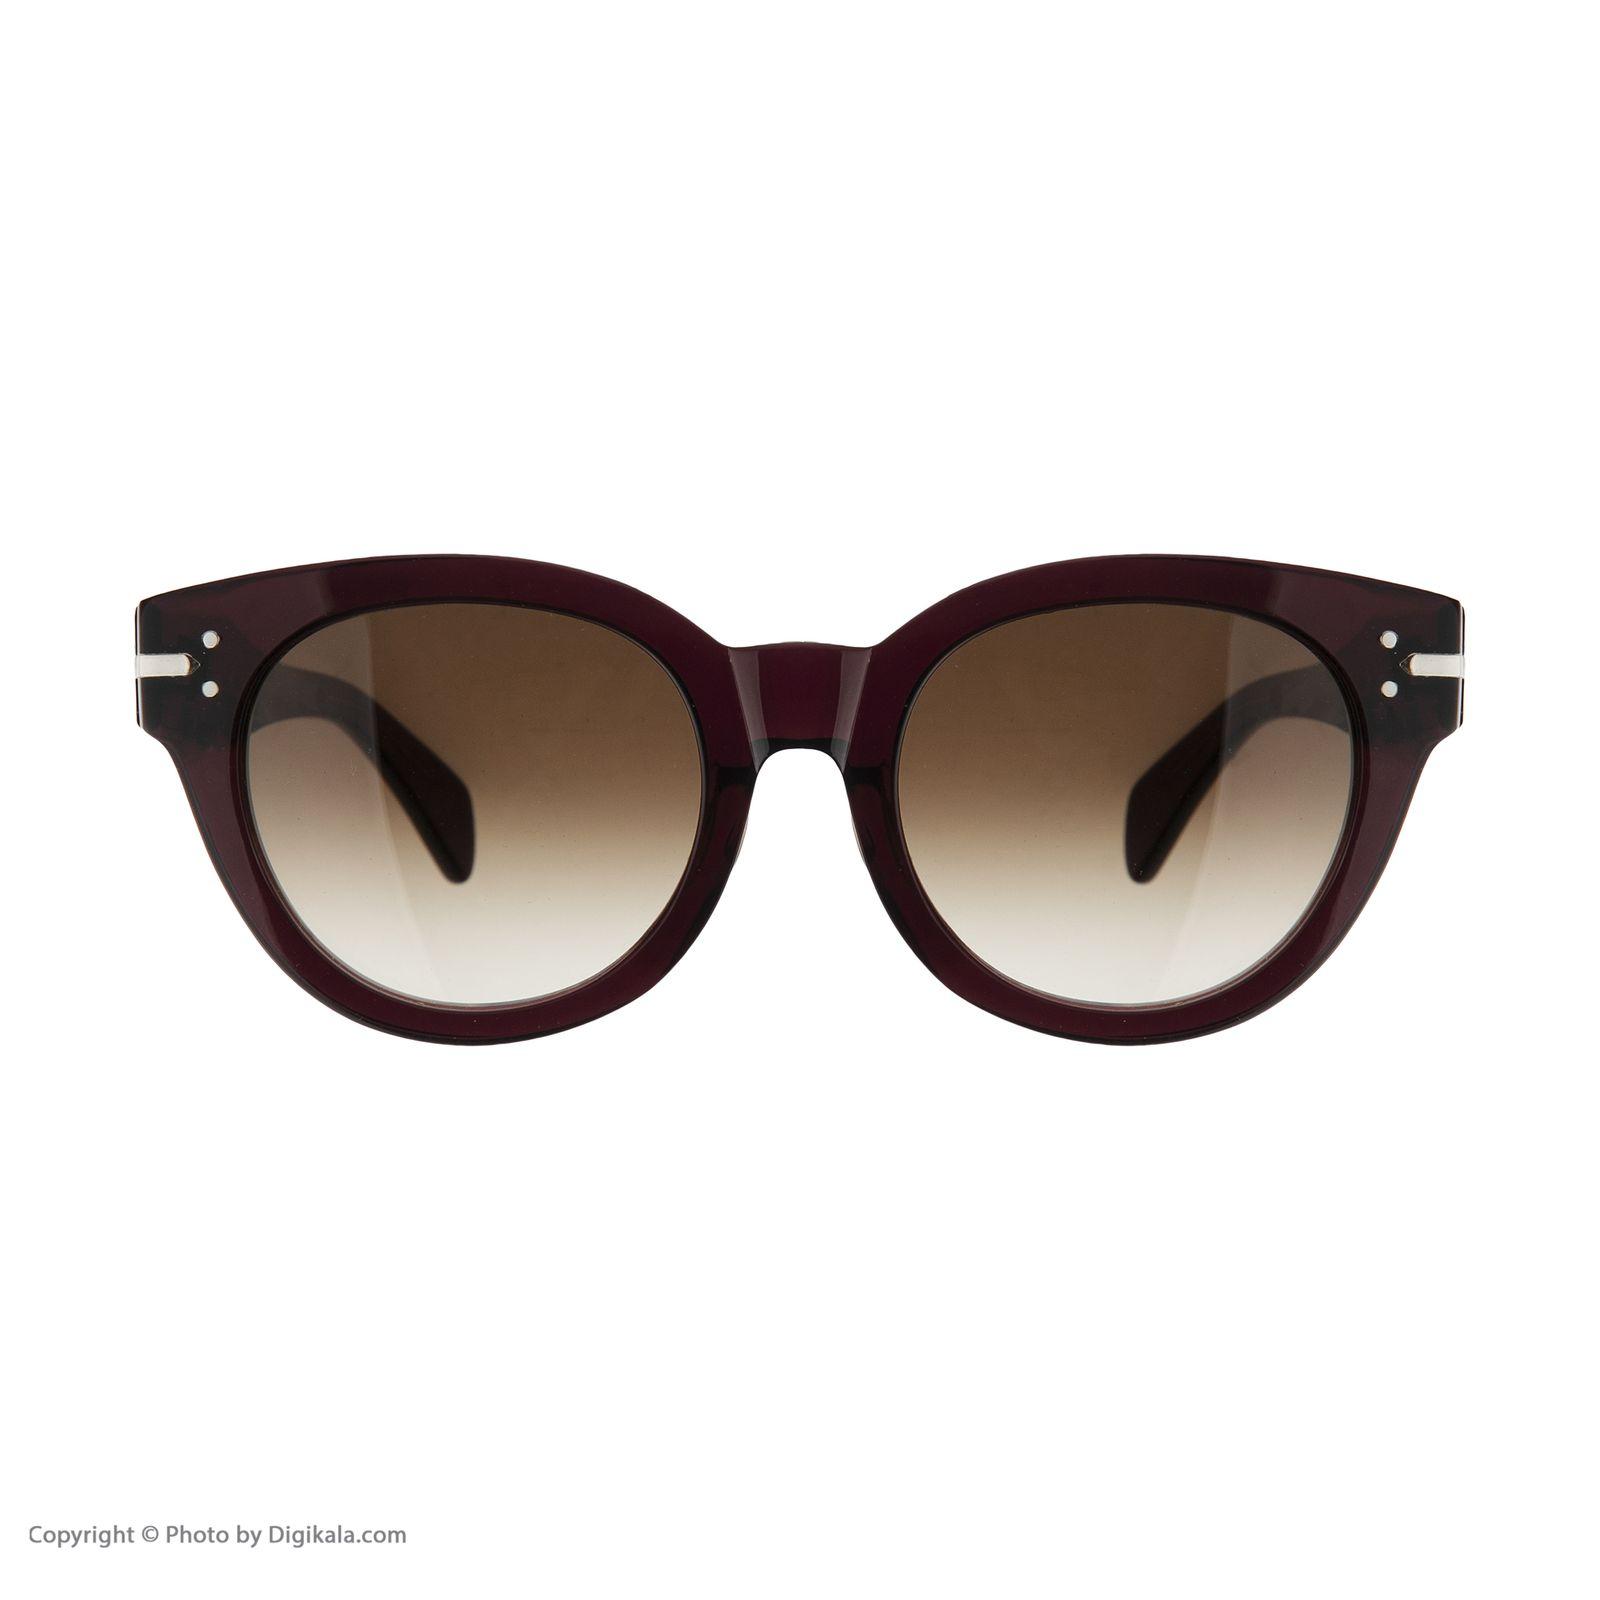 عینک آفتابی سلین مدل 41047 -  - 6